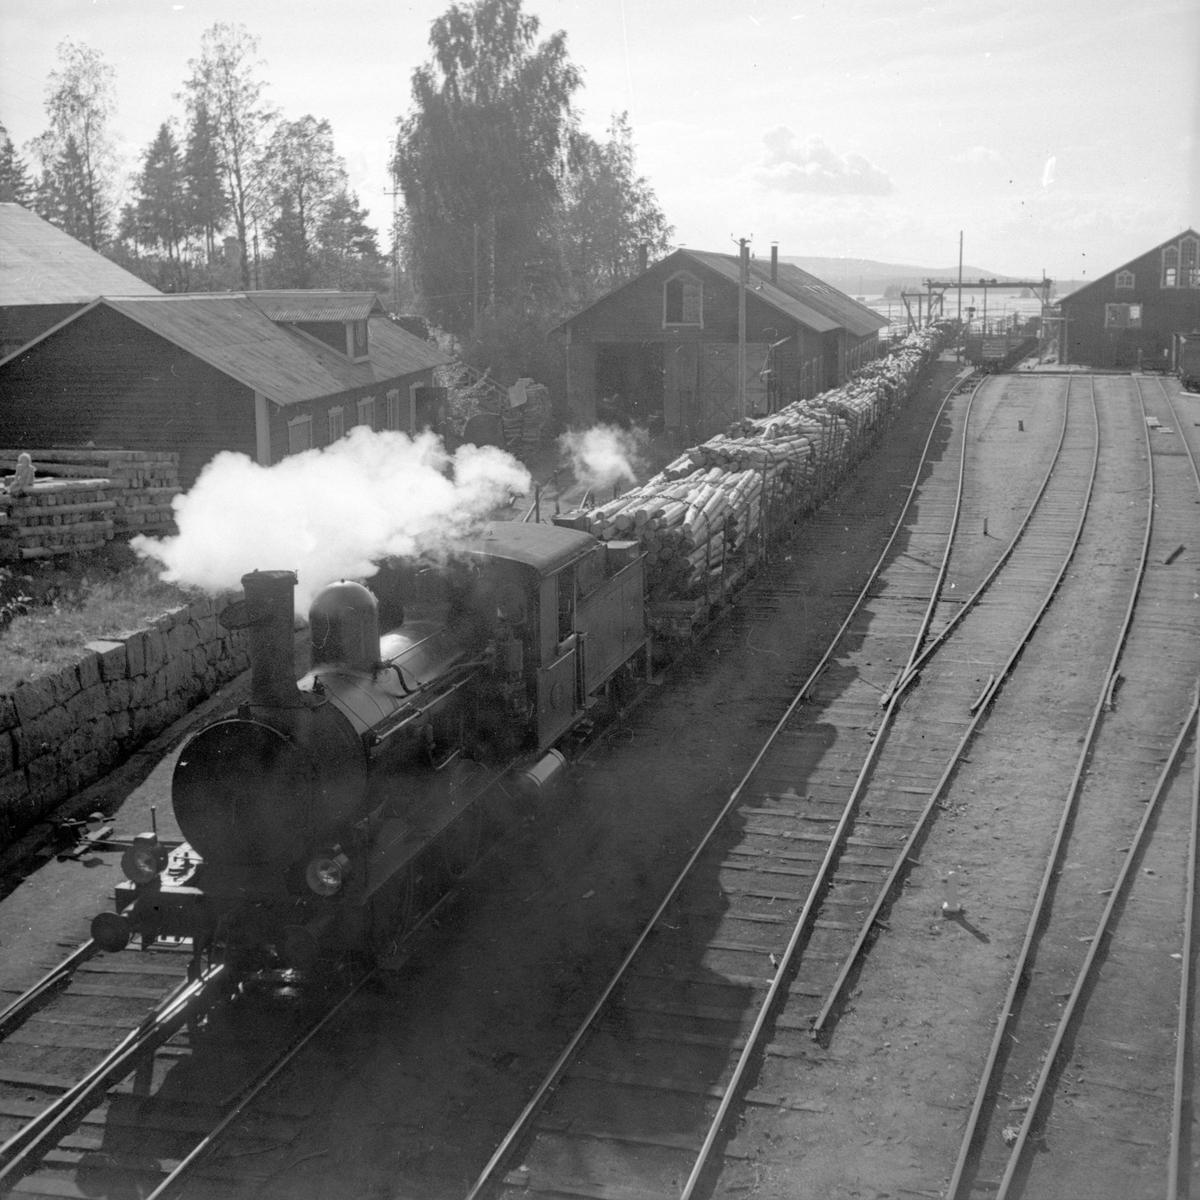 Marma-Sandarne järnvägs bangård i Askesta vid Askesta ångsåg. Marma - Sandarne Järnväg, MaSJ lok 3.